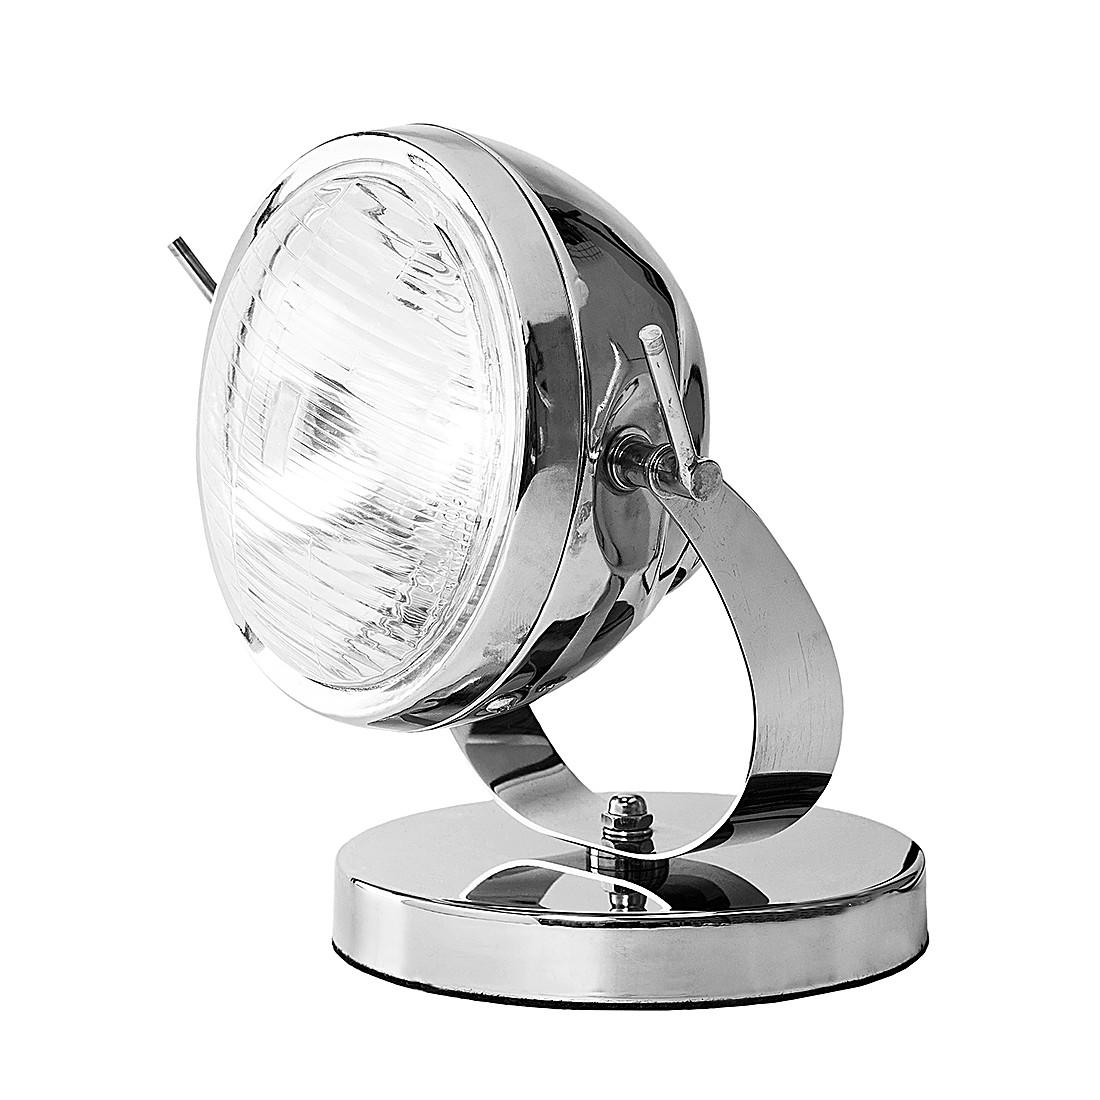 EEK A++, Tischleuchte TL Headlight – Metall/Glas – 1-flammig, Kare Design jetzt bestellen